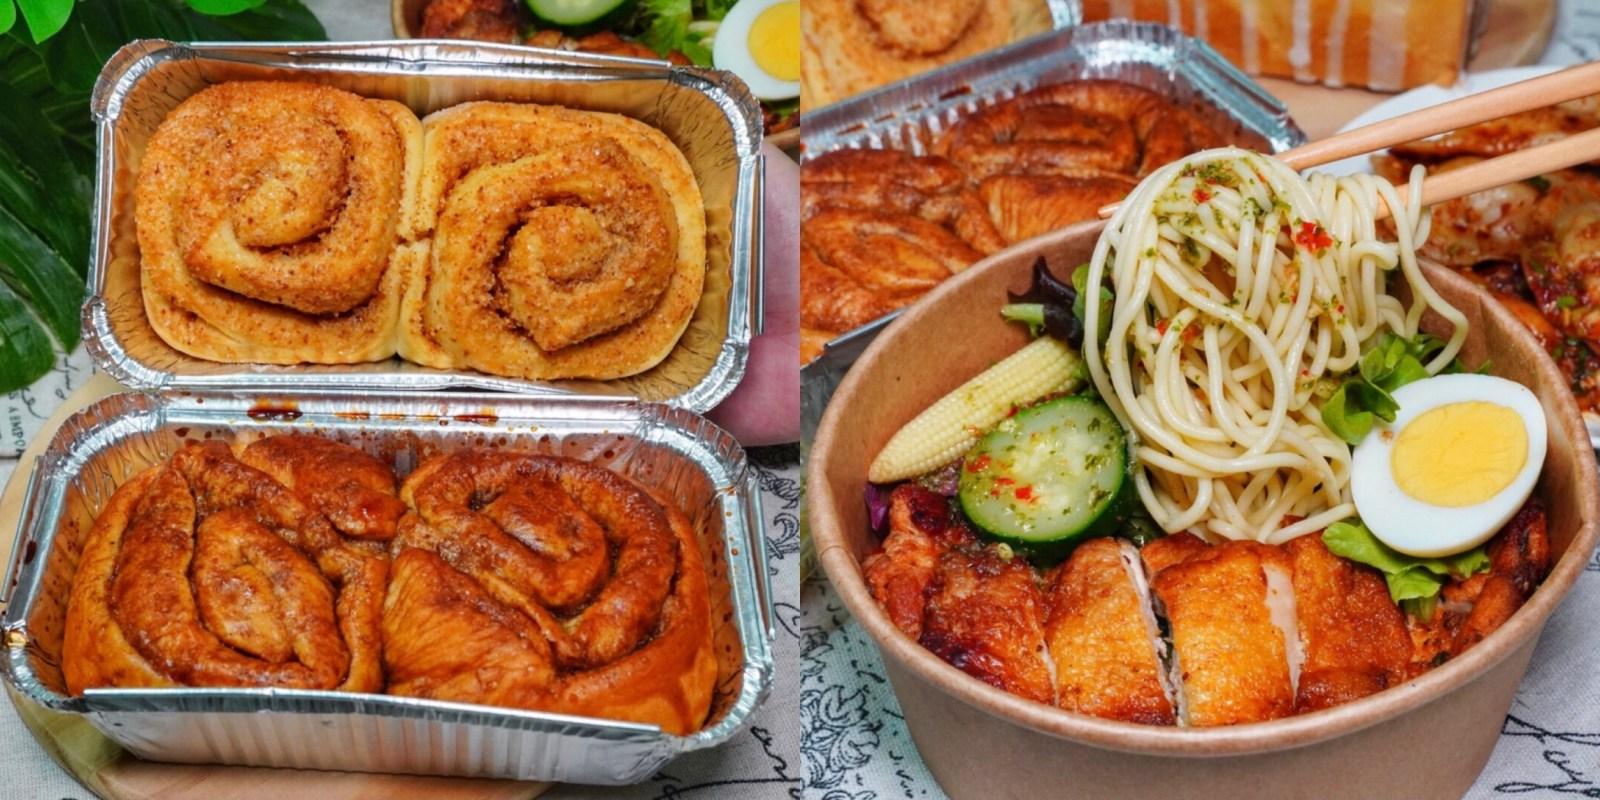 【防疫限定超殺優惠】Mochi Mochi 鬆餅屋餐點外帶自取「一律6折」肉桂捲超厲害 幾乎每天都完售